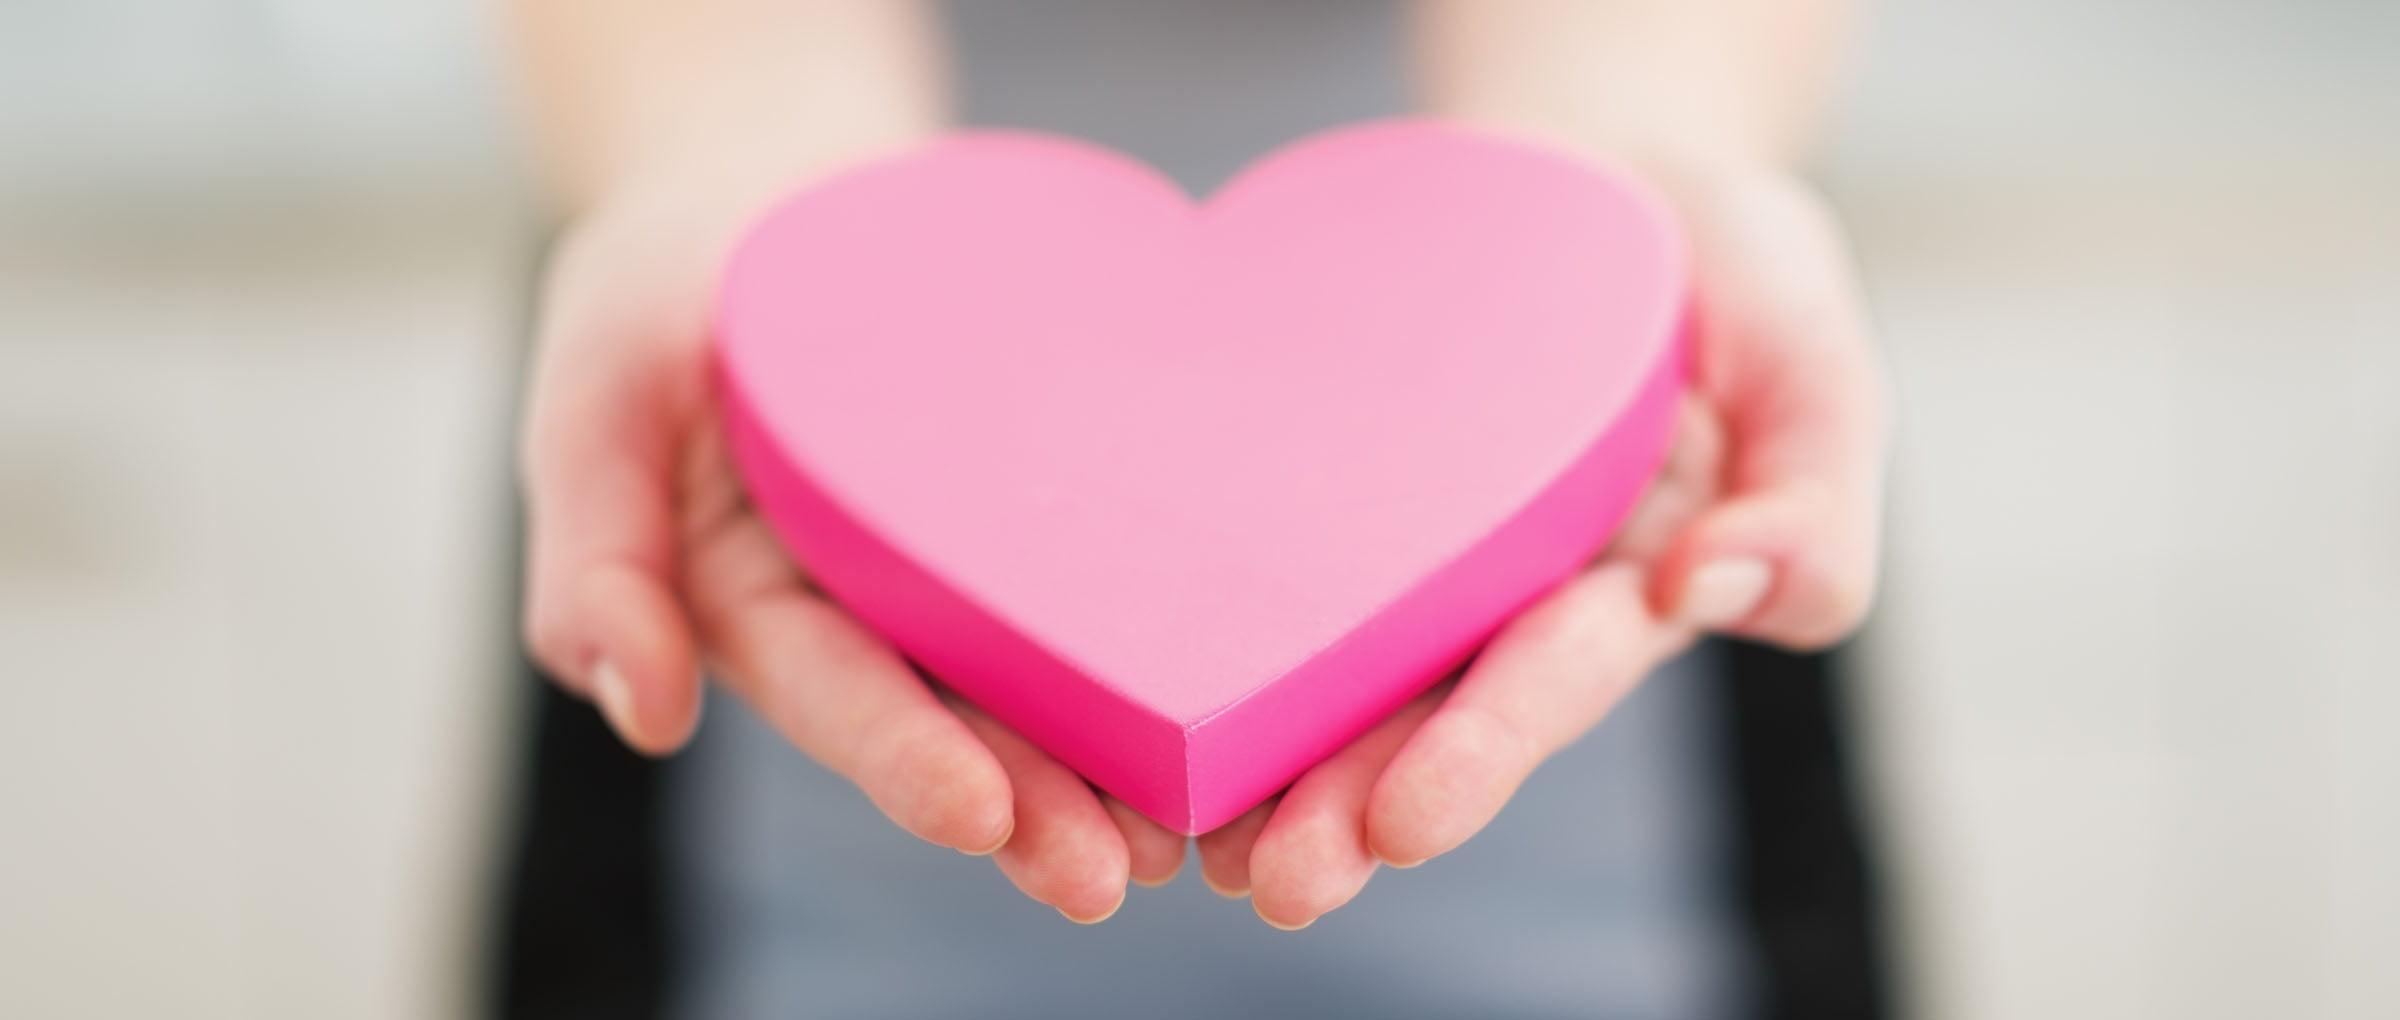 Donación de óvulos y semen altruista y voluntaria